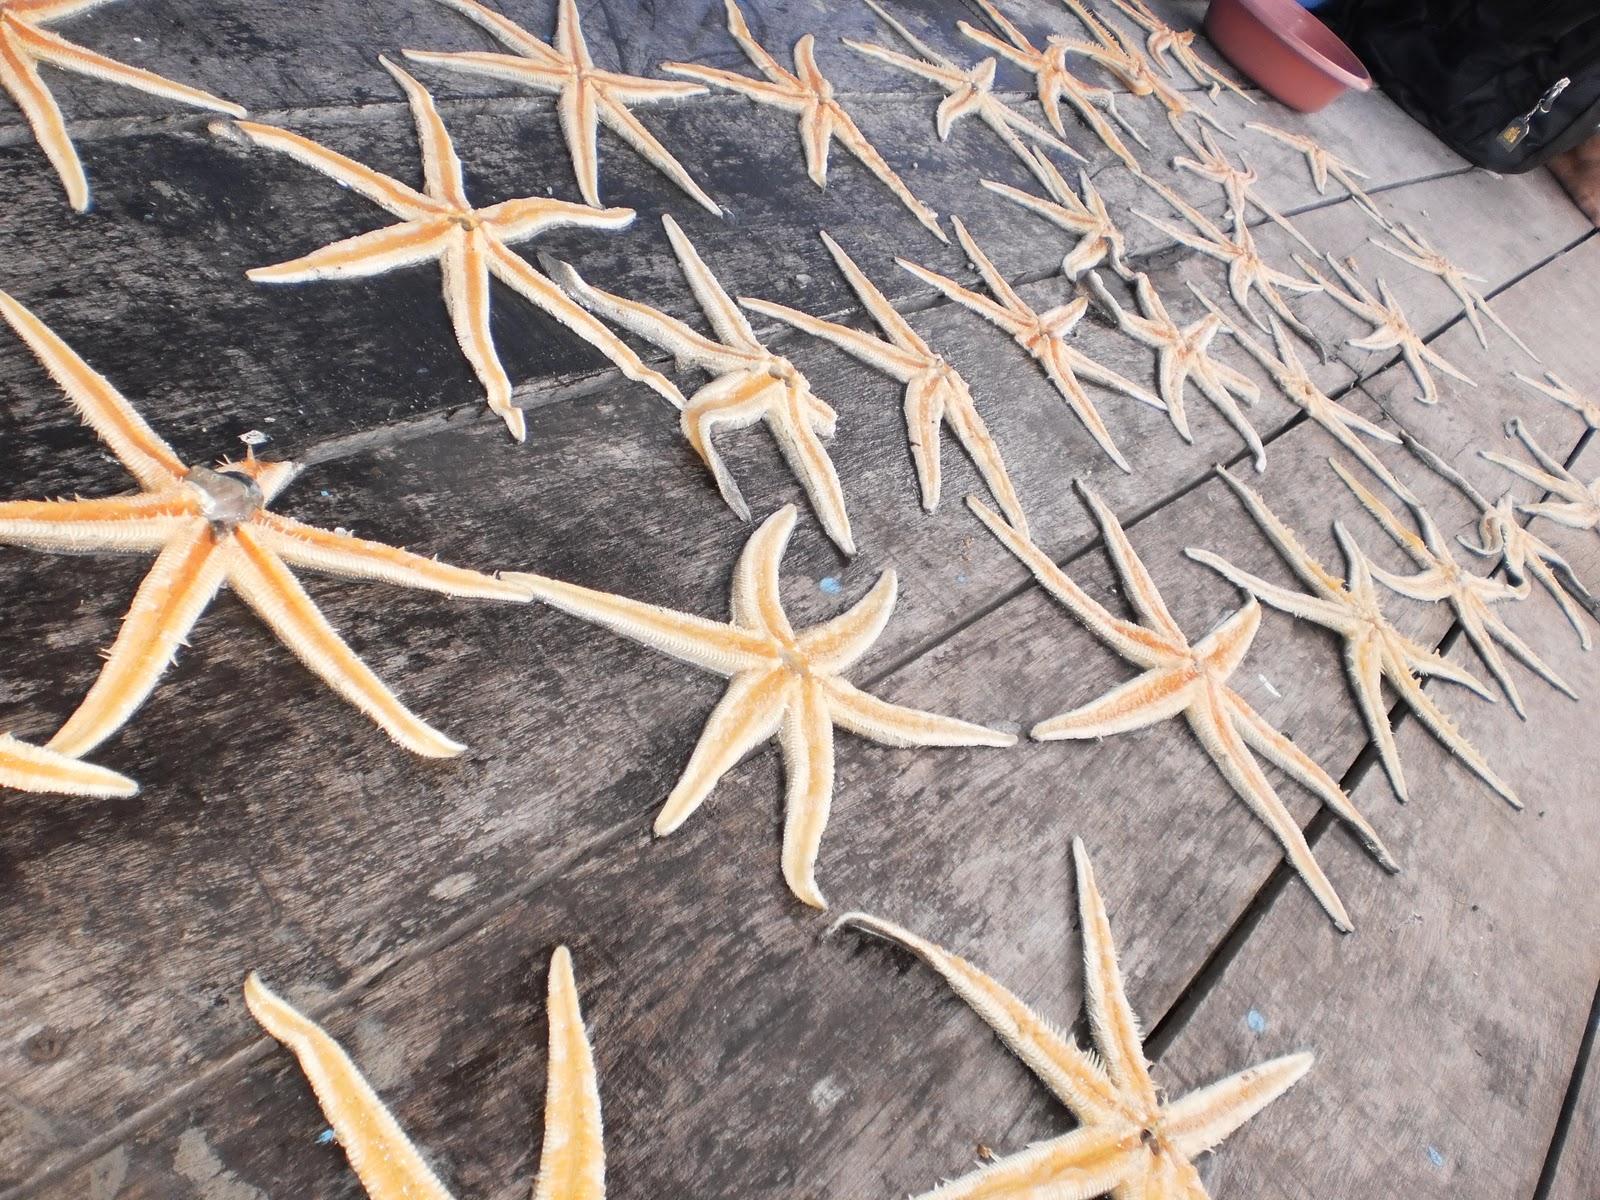 Chalet Terapung Persatuan Nelayan Kuala Segantang Garam Merbok Kuda Laut Kering  5 Biji Tapak Sulaiman Pancingan Kamihaisshhd Kids Seronok Lapakat Jemur Bagi Nak Balik Spray Cat Buat Deko Gitu